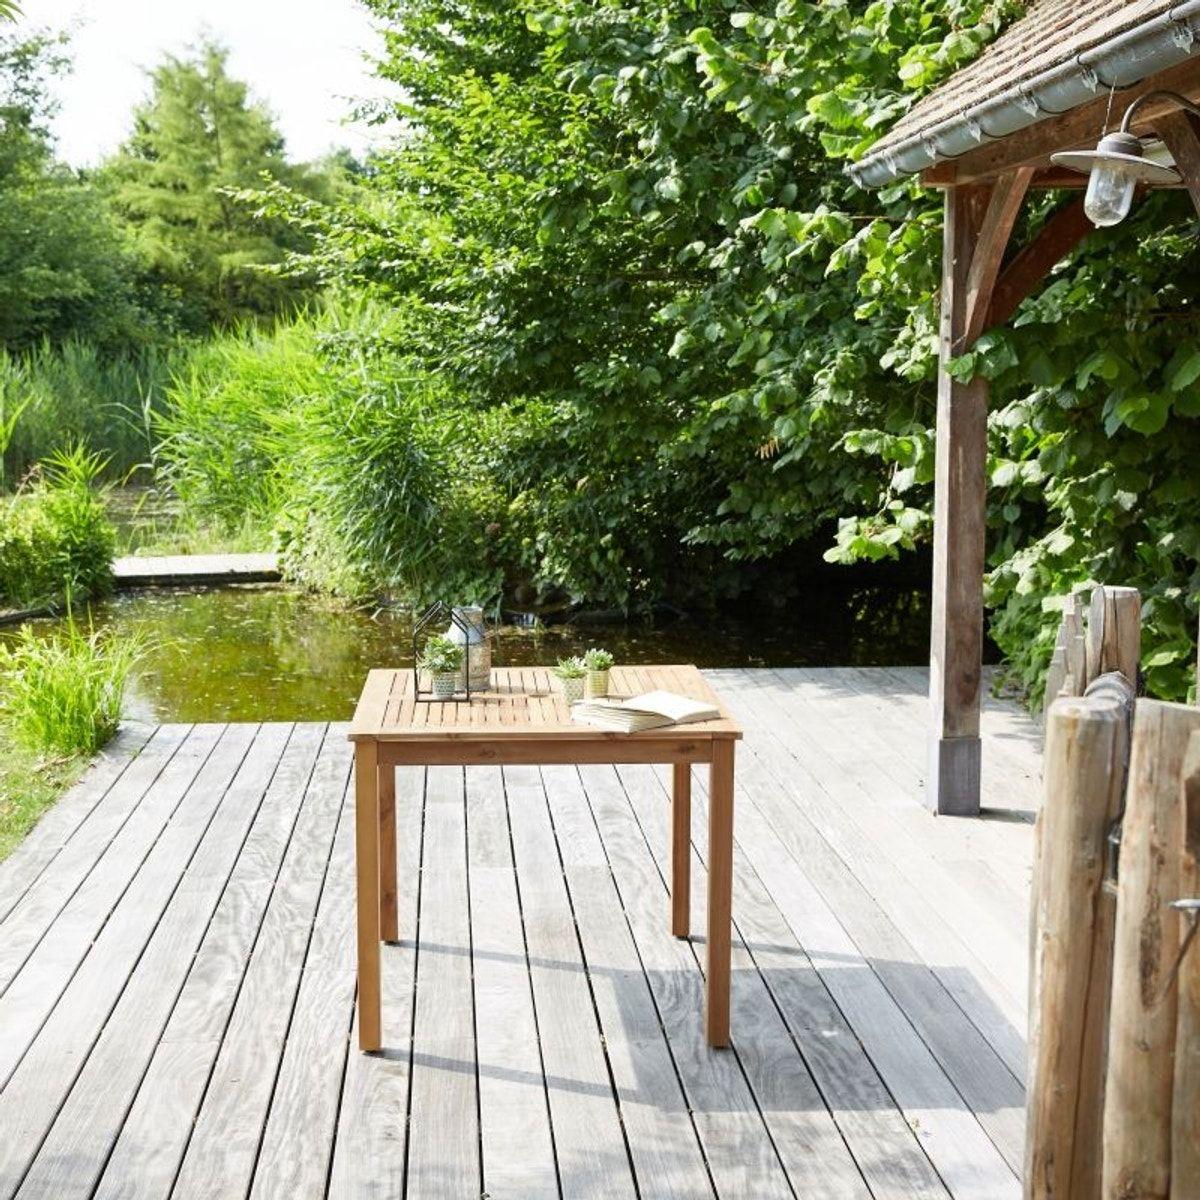 Salon De Jardin Carré En Bois D'acacia Fsc Noir 2 Places ... tout Salon De Jardin Carre